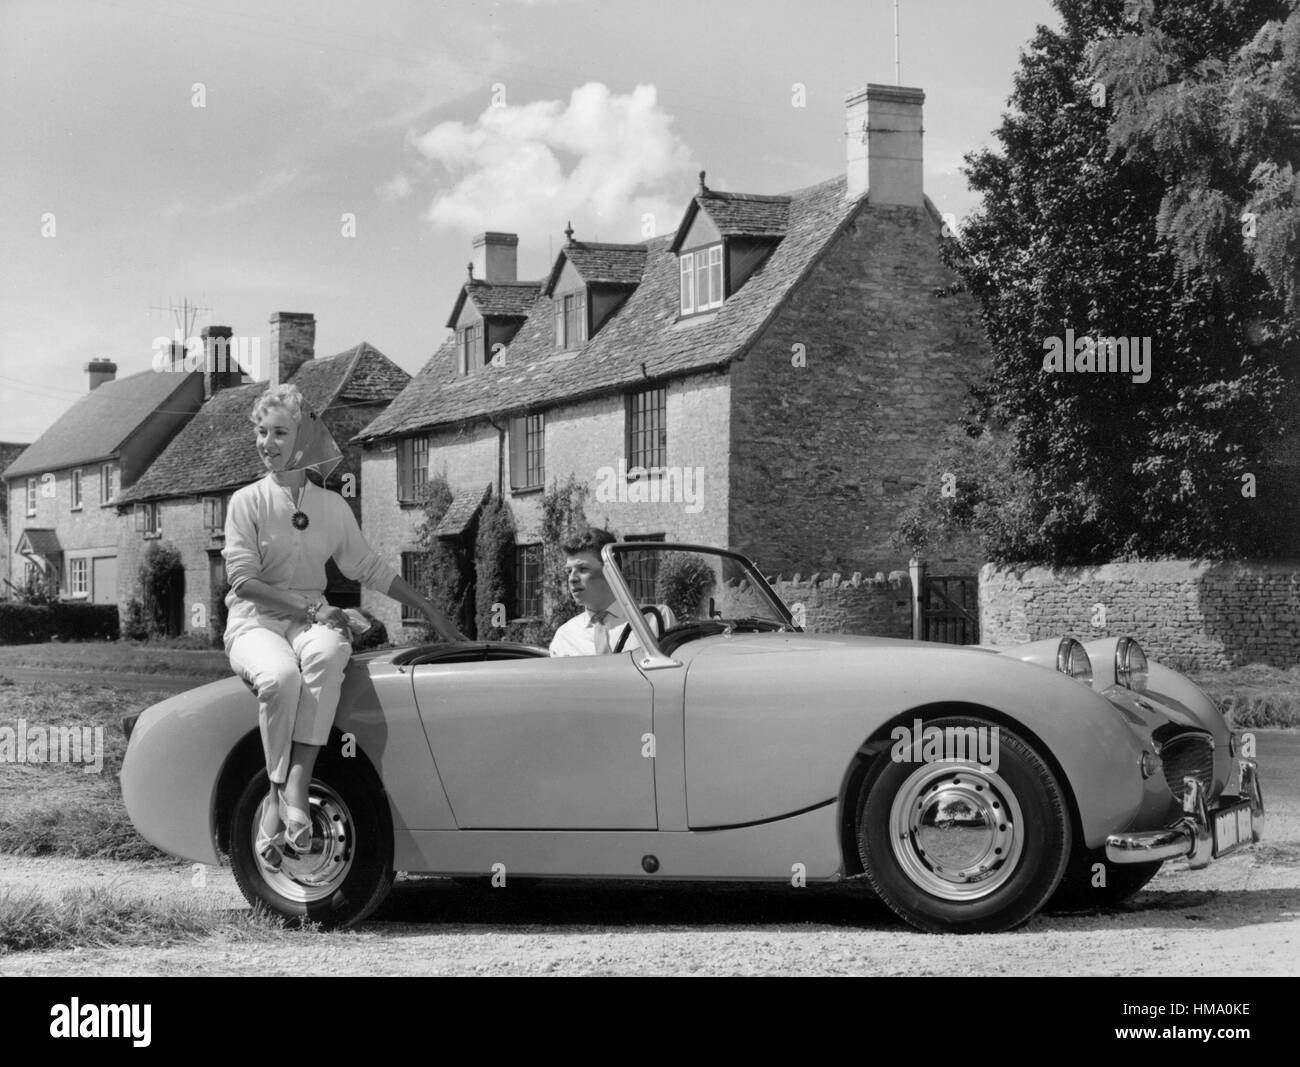 1958 Austin - Healey Sprite Stockbild